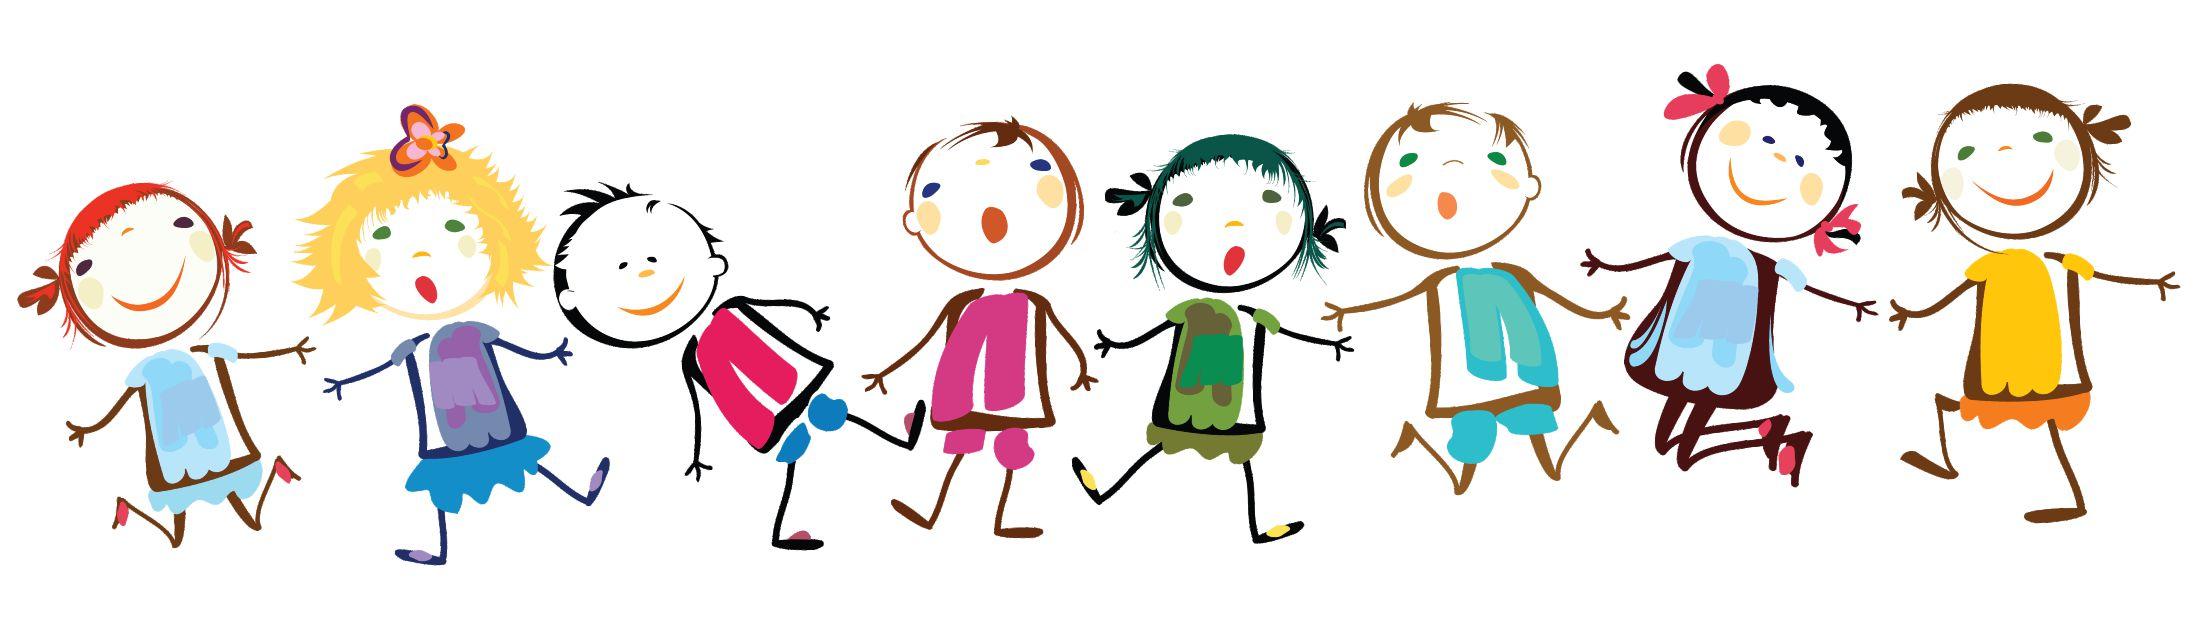 Детский образовательный центр Алматы. Развитие детские образовательные центры дополнительного образования. Школа образовательный центр детского творчества.